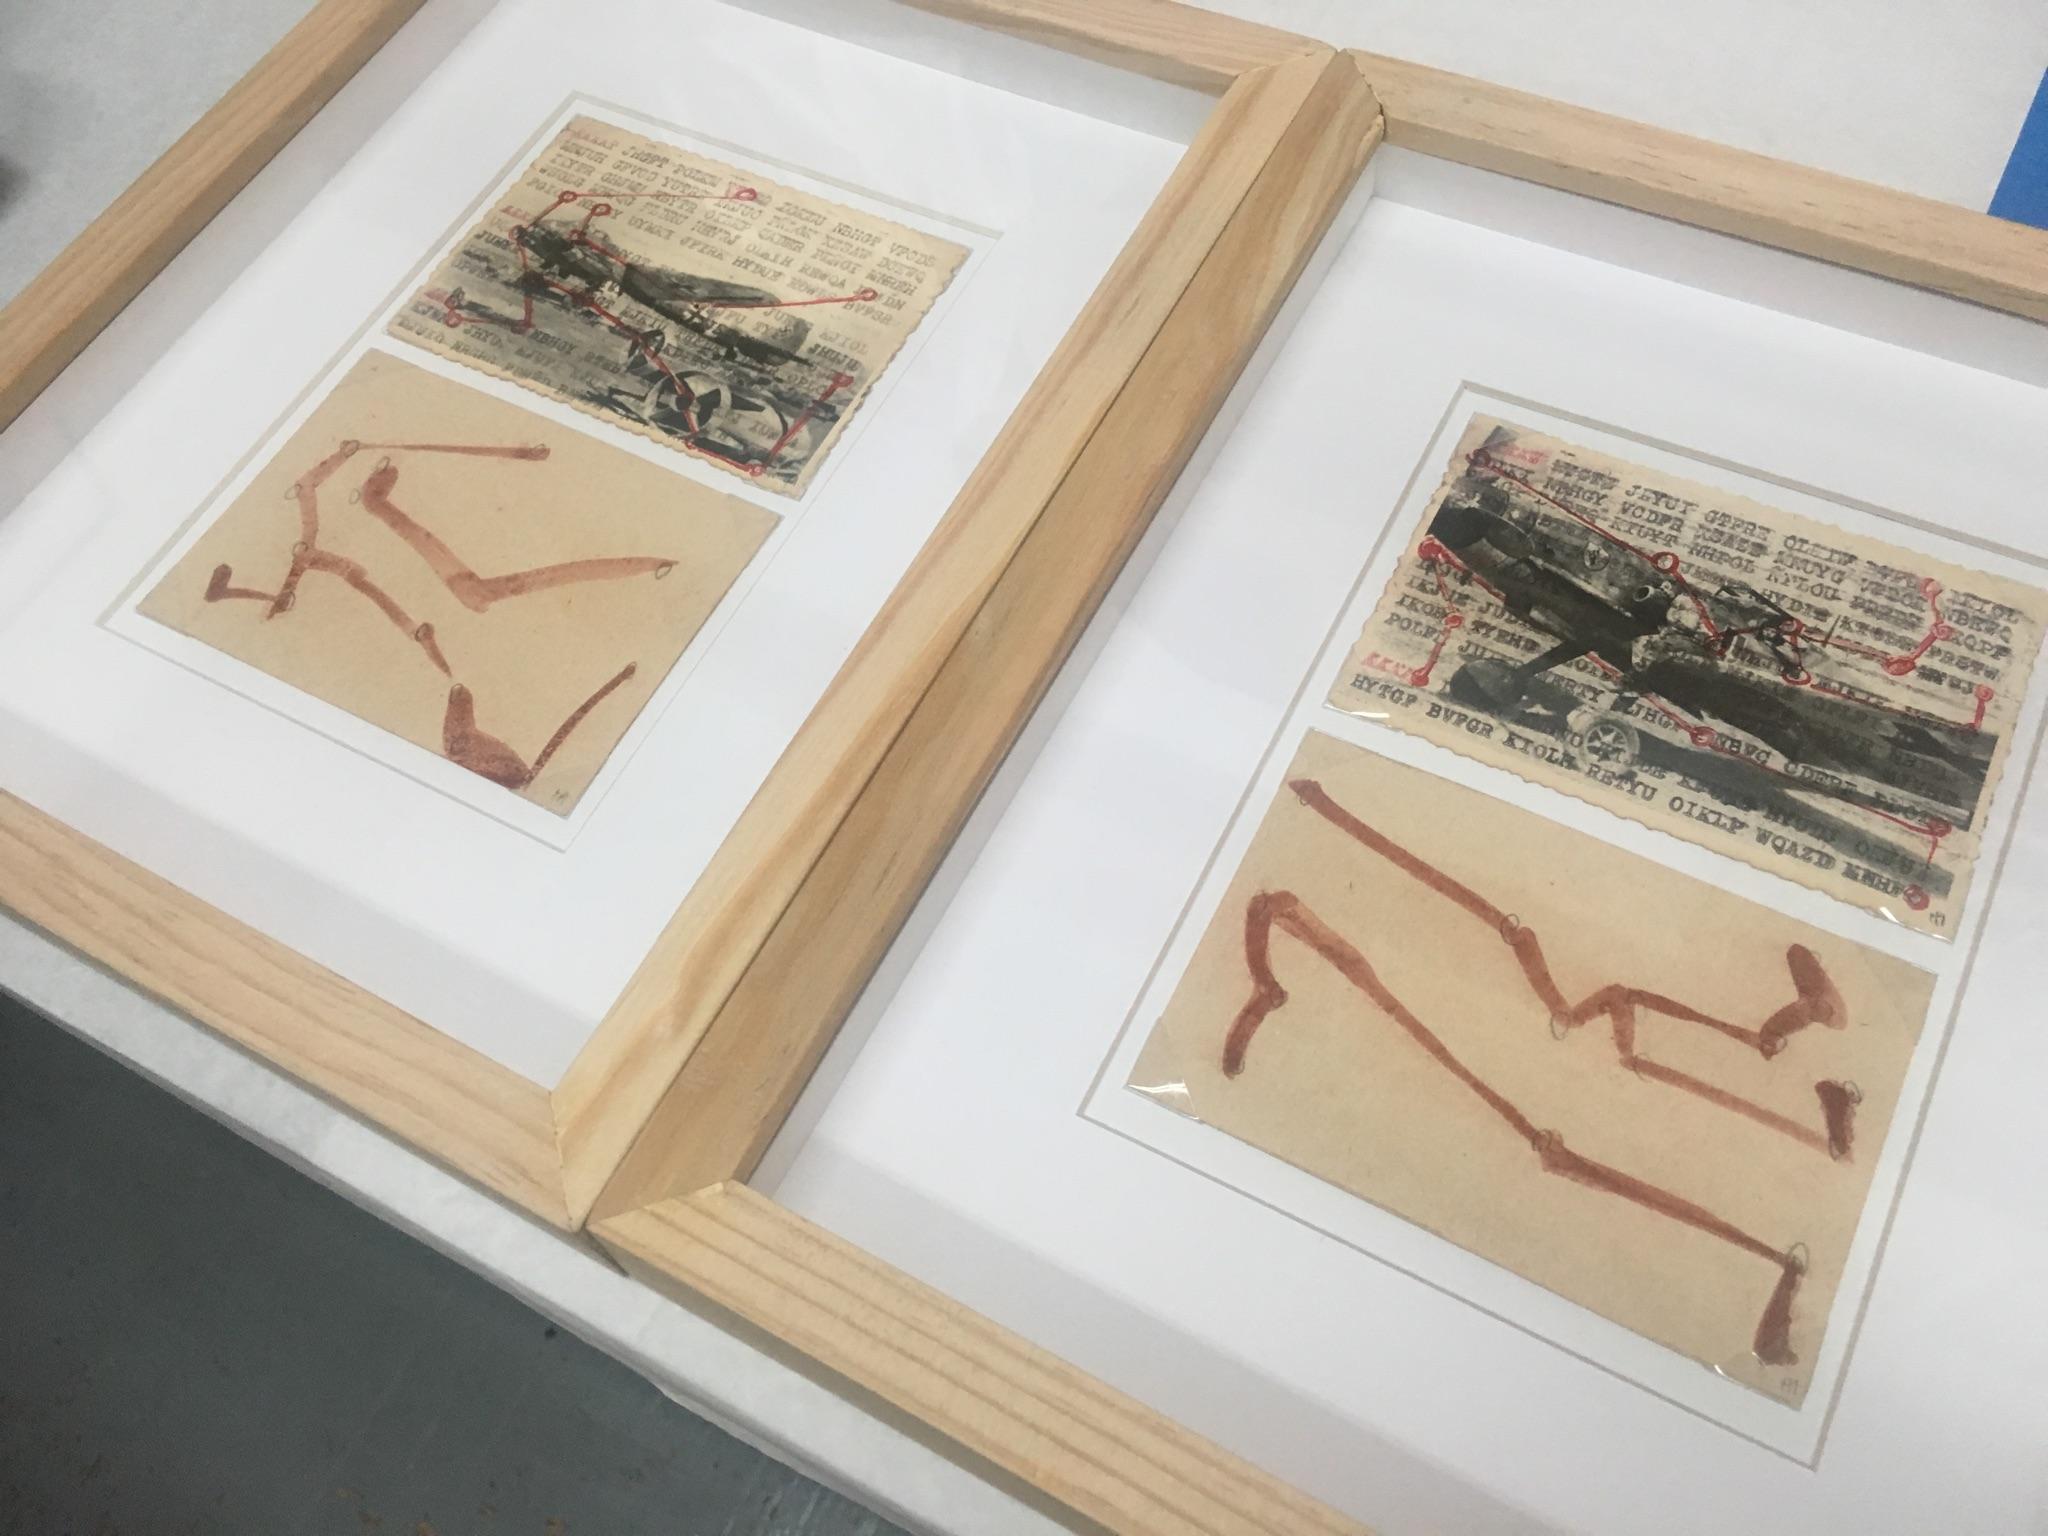 Humberto Márquez Fotografías originales de la Segunda Guerra Mundial intervenidas con código y posibles bocetos.